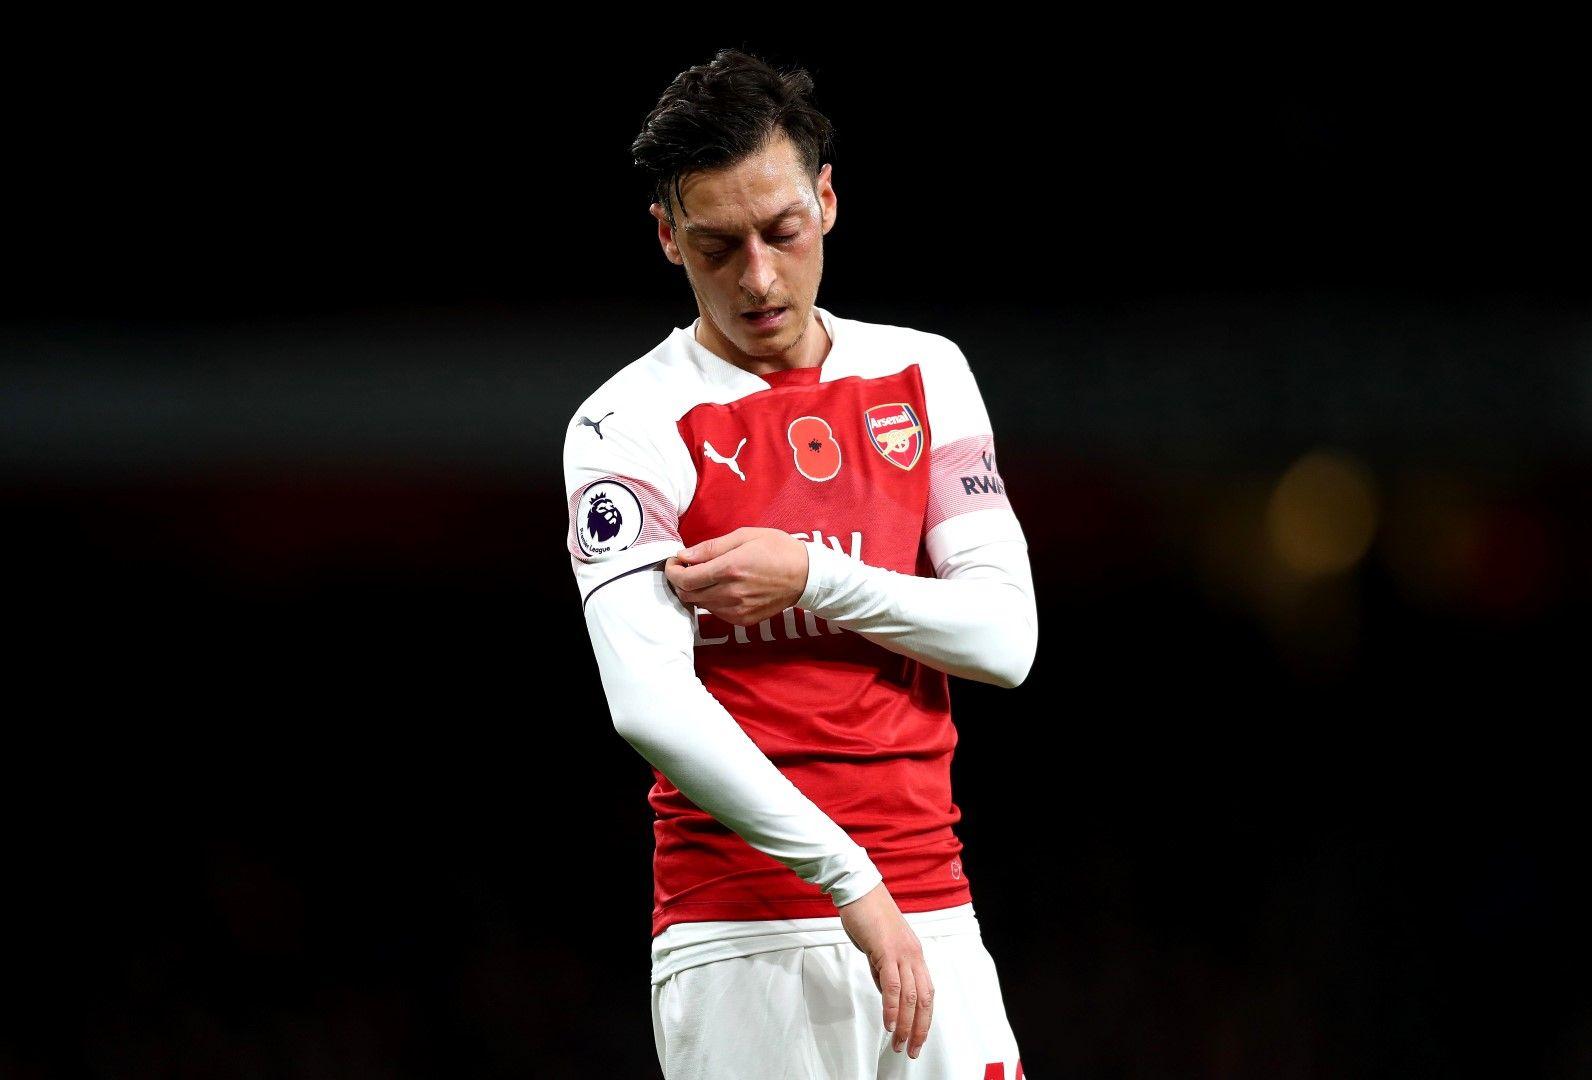 Месут Йозил - напускането на Арсенал е неизбежно и може да стане още през този месец. Изглежда, че бившият германски национал ще заиграе във Фенербахче. Въпросът е само кога